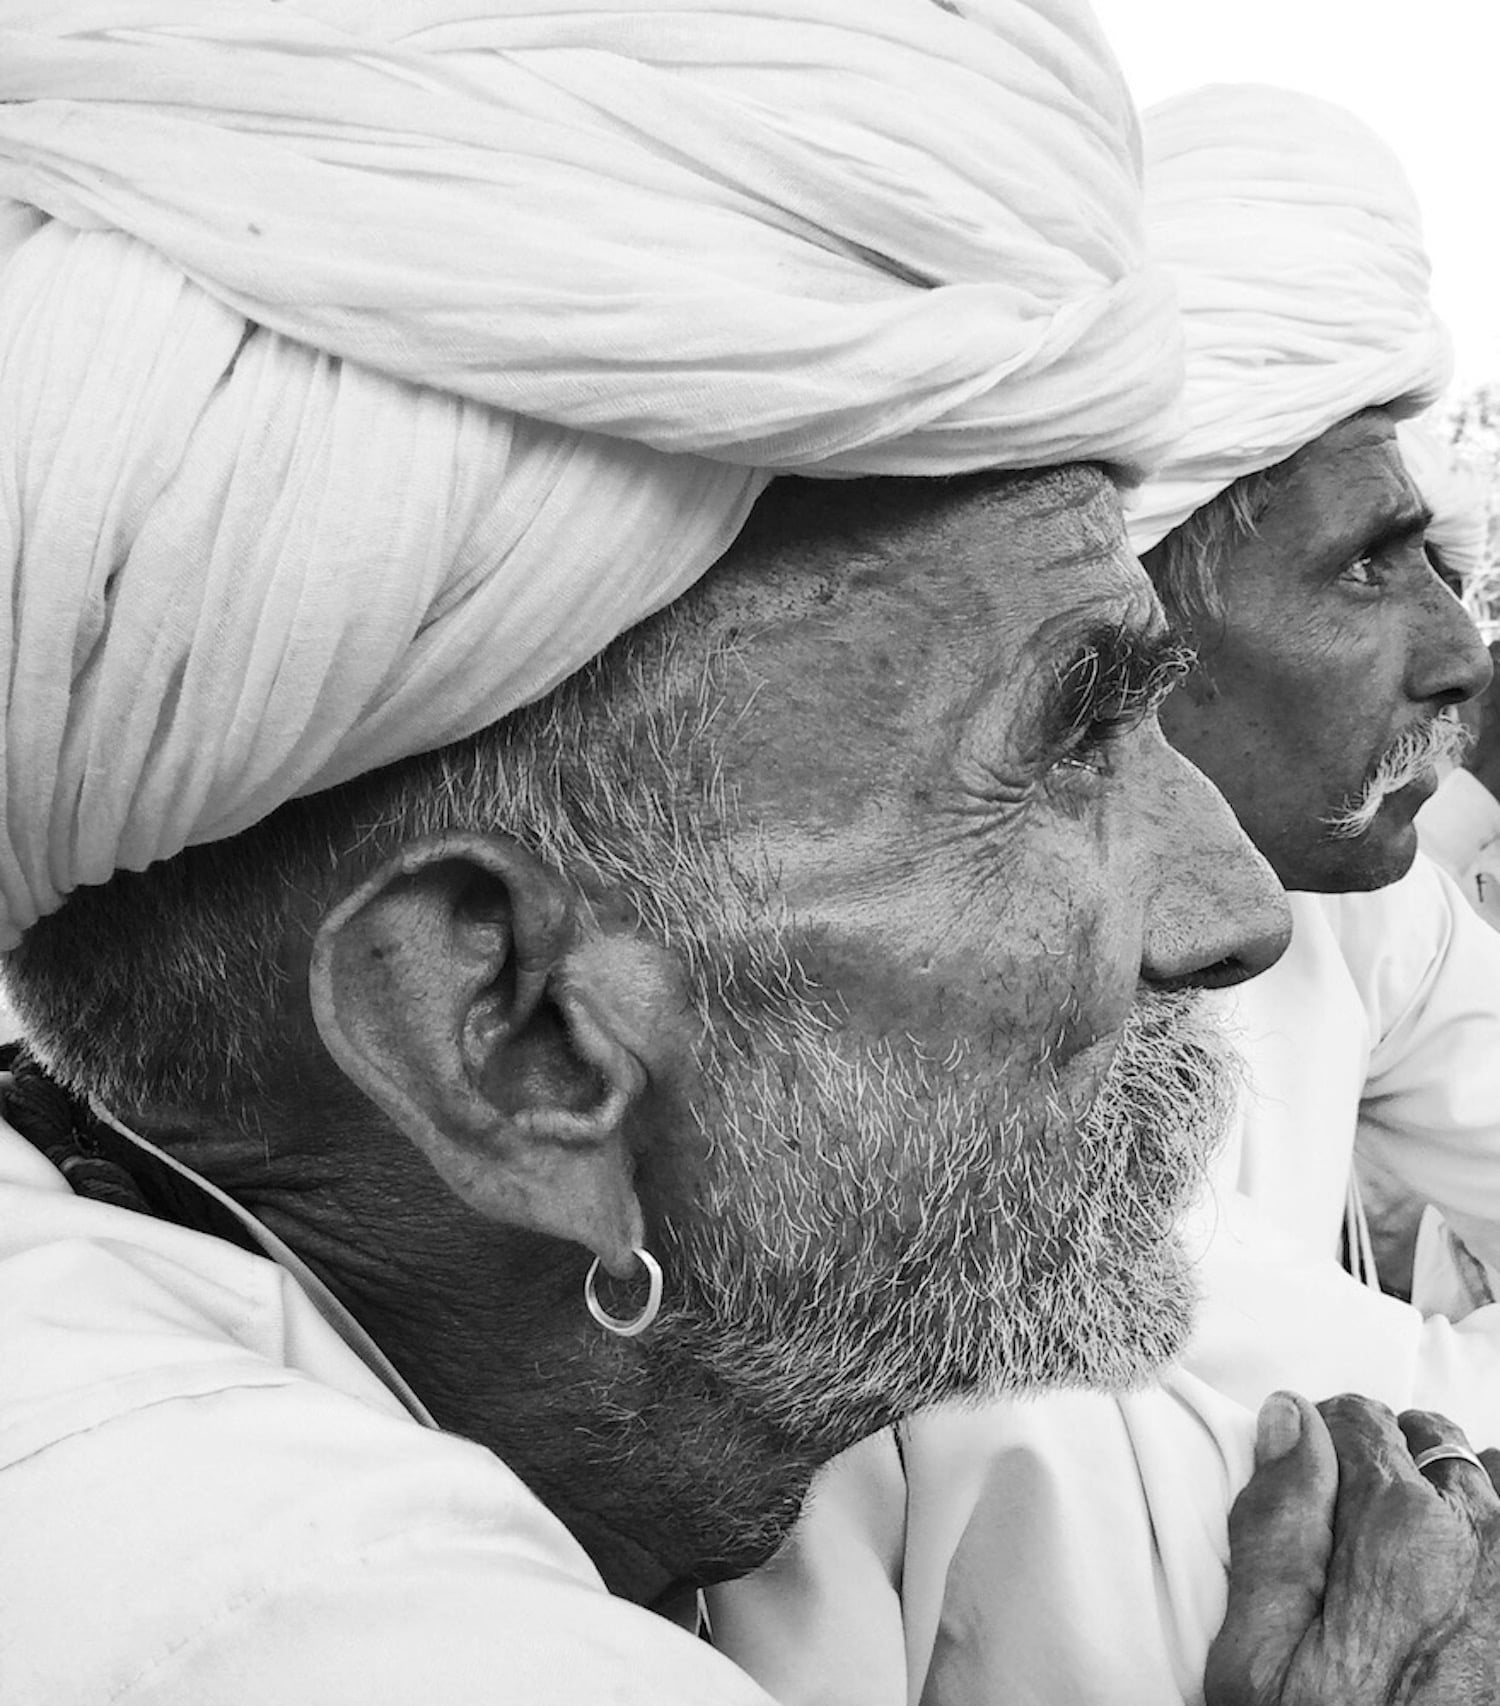 White Turbans